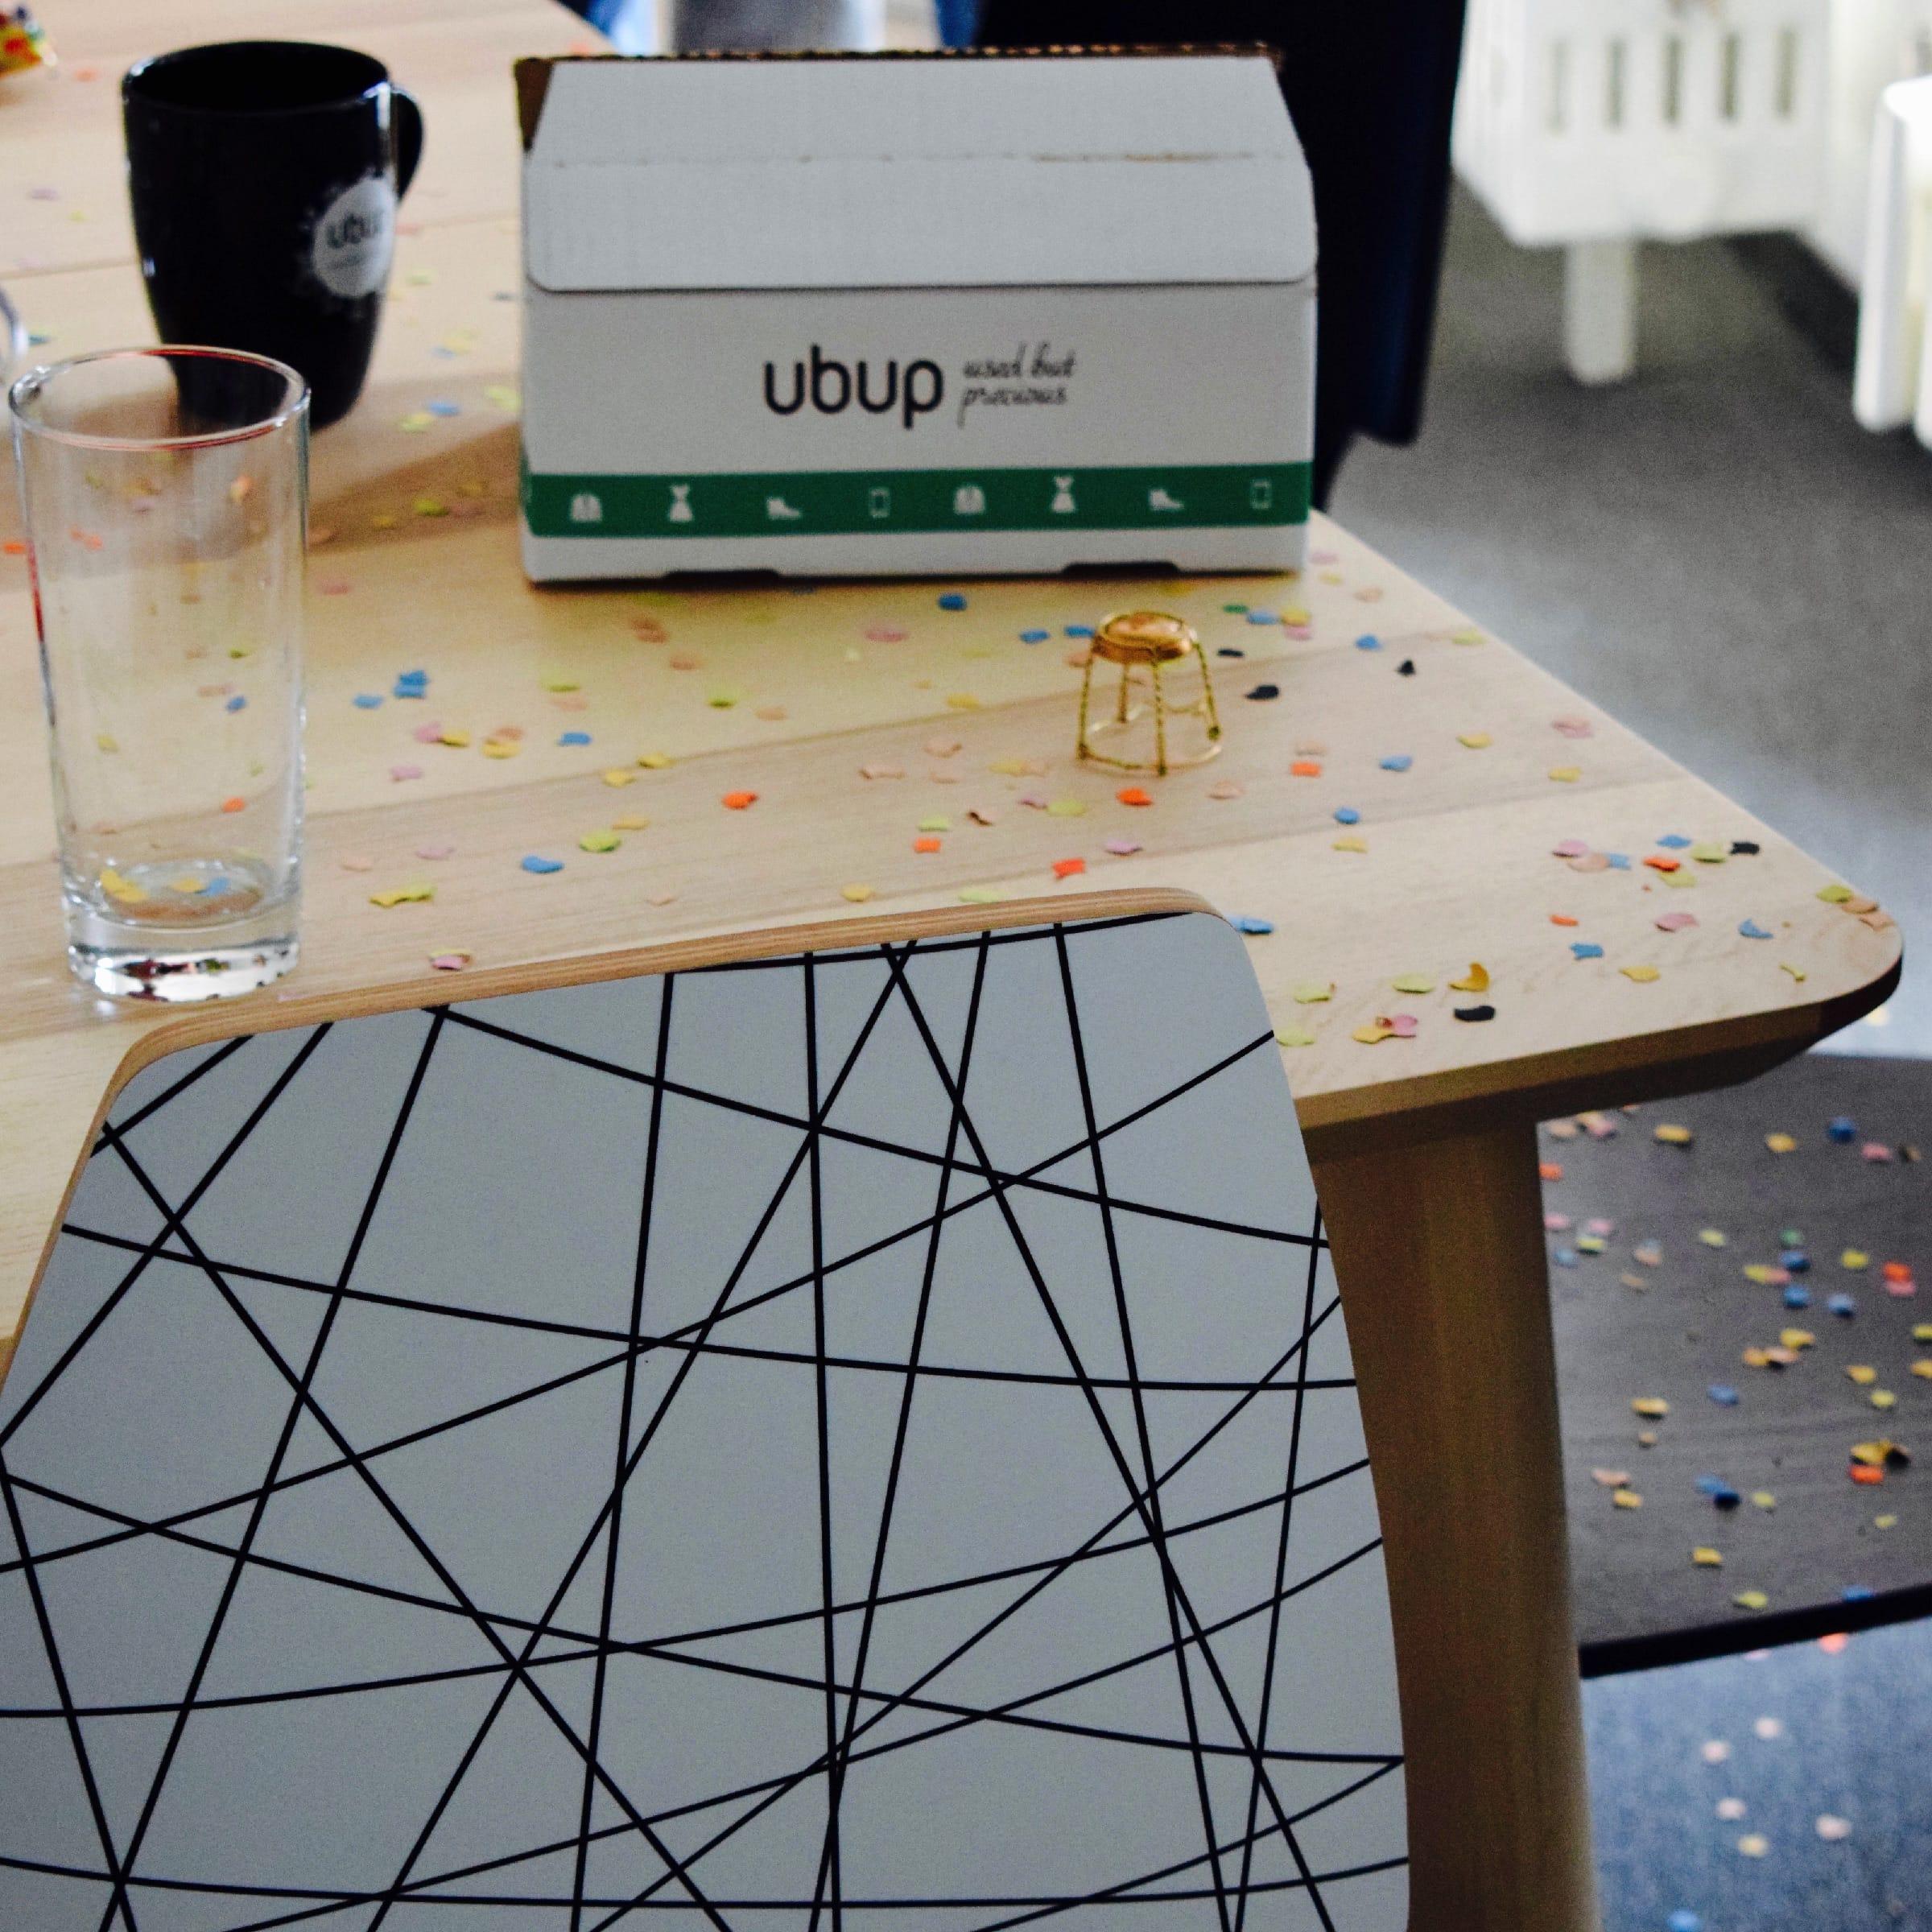 neuer ubup Shop